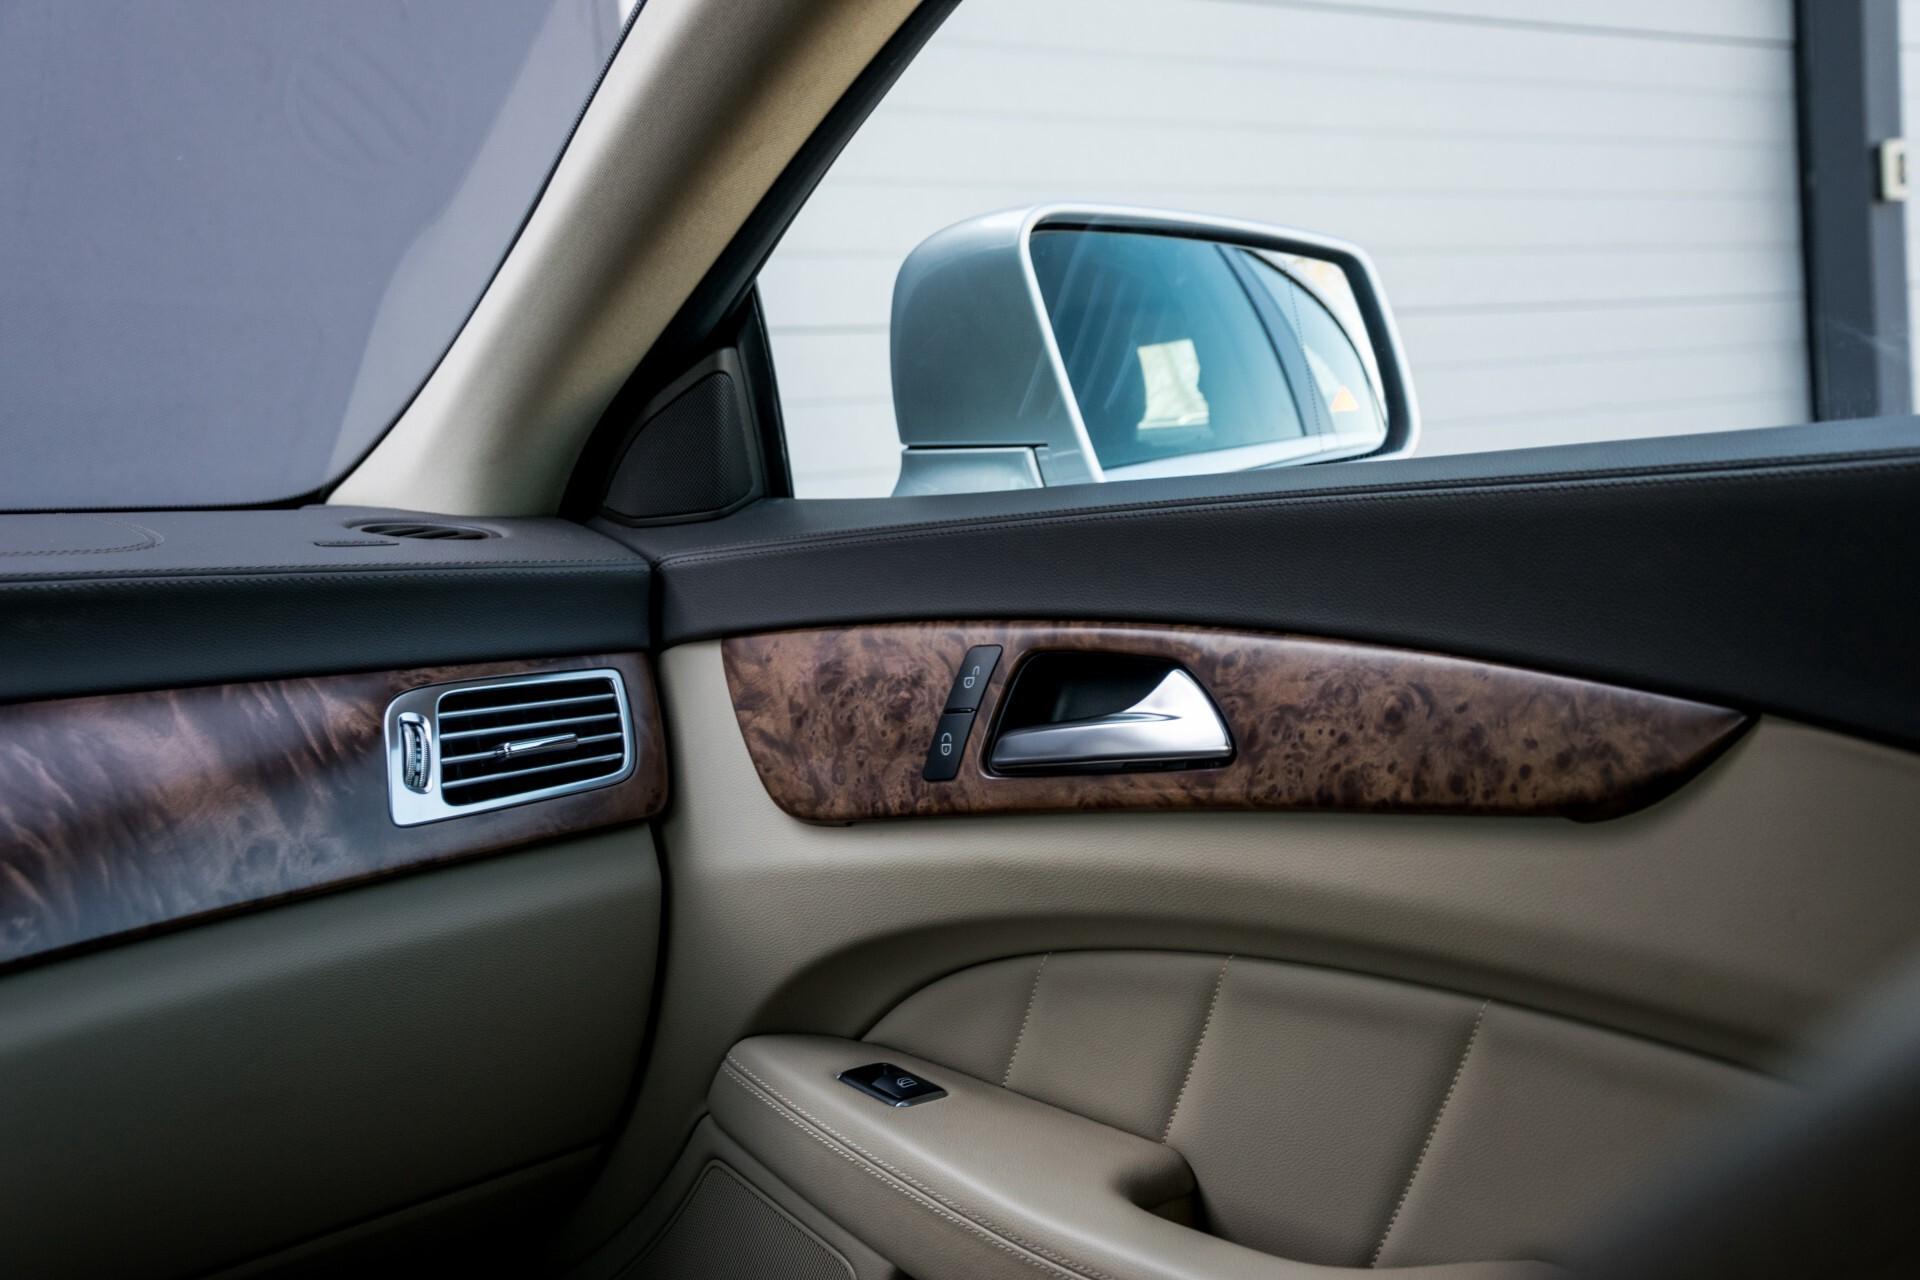 Mercedes-Benz CLS-Klasse 350 Cdi Luchtvering/Distronic/Nachtzicht/AMG/Comand/ILS Aut7 Foto 37